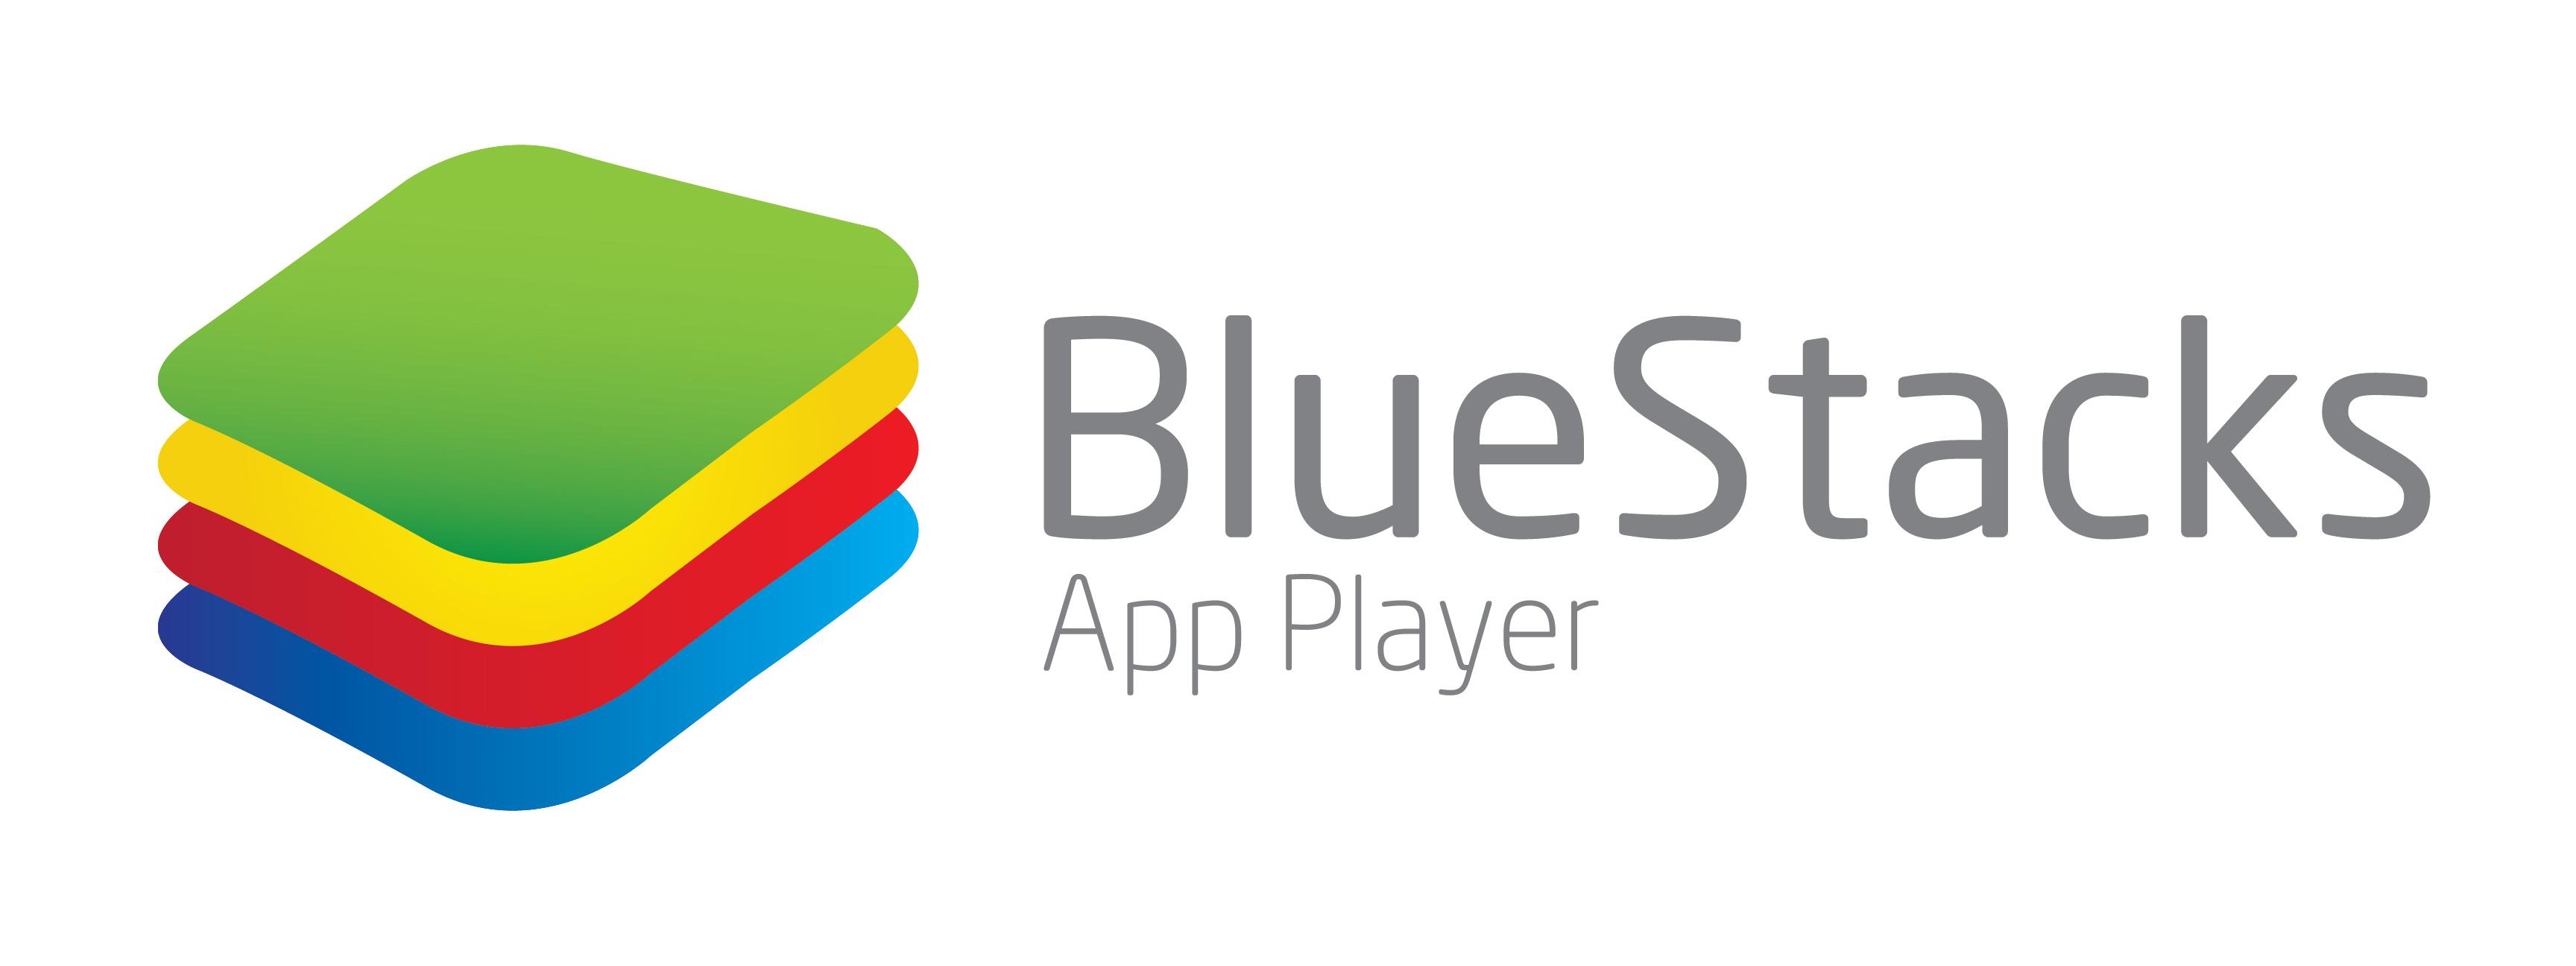 تحميل برنامج BlueStacks 2015 لتشغيل برامج الاندرويد علي الكمبيوتر